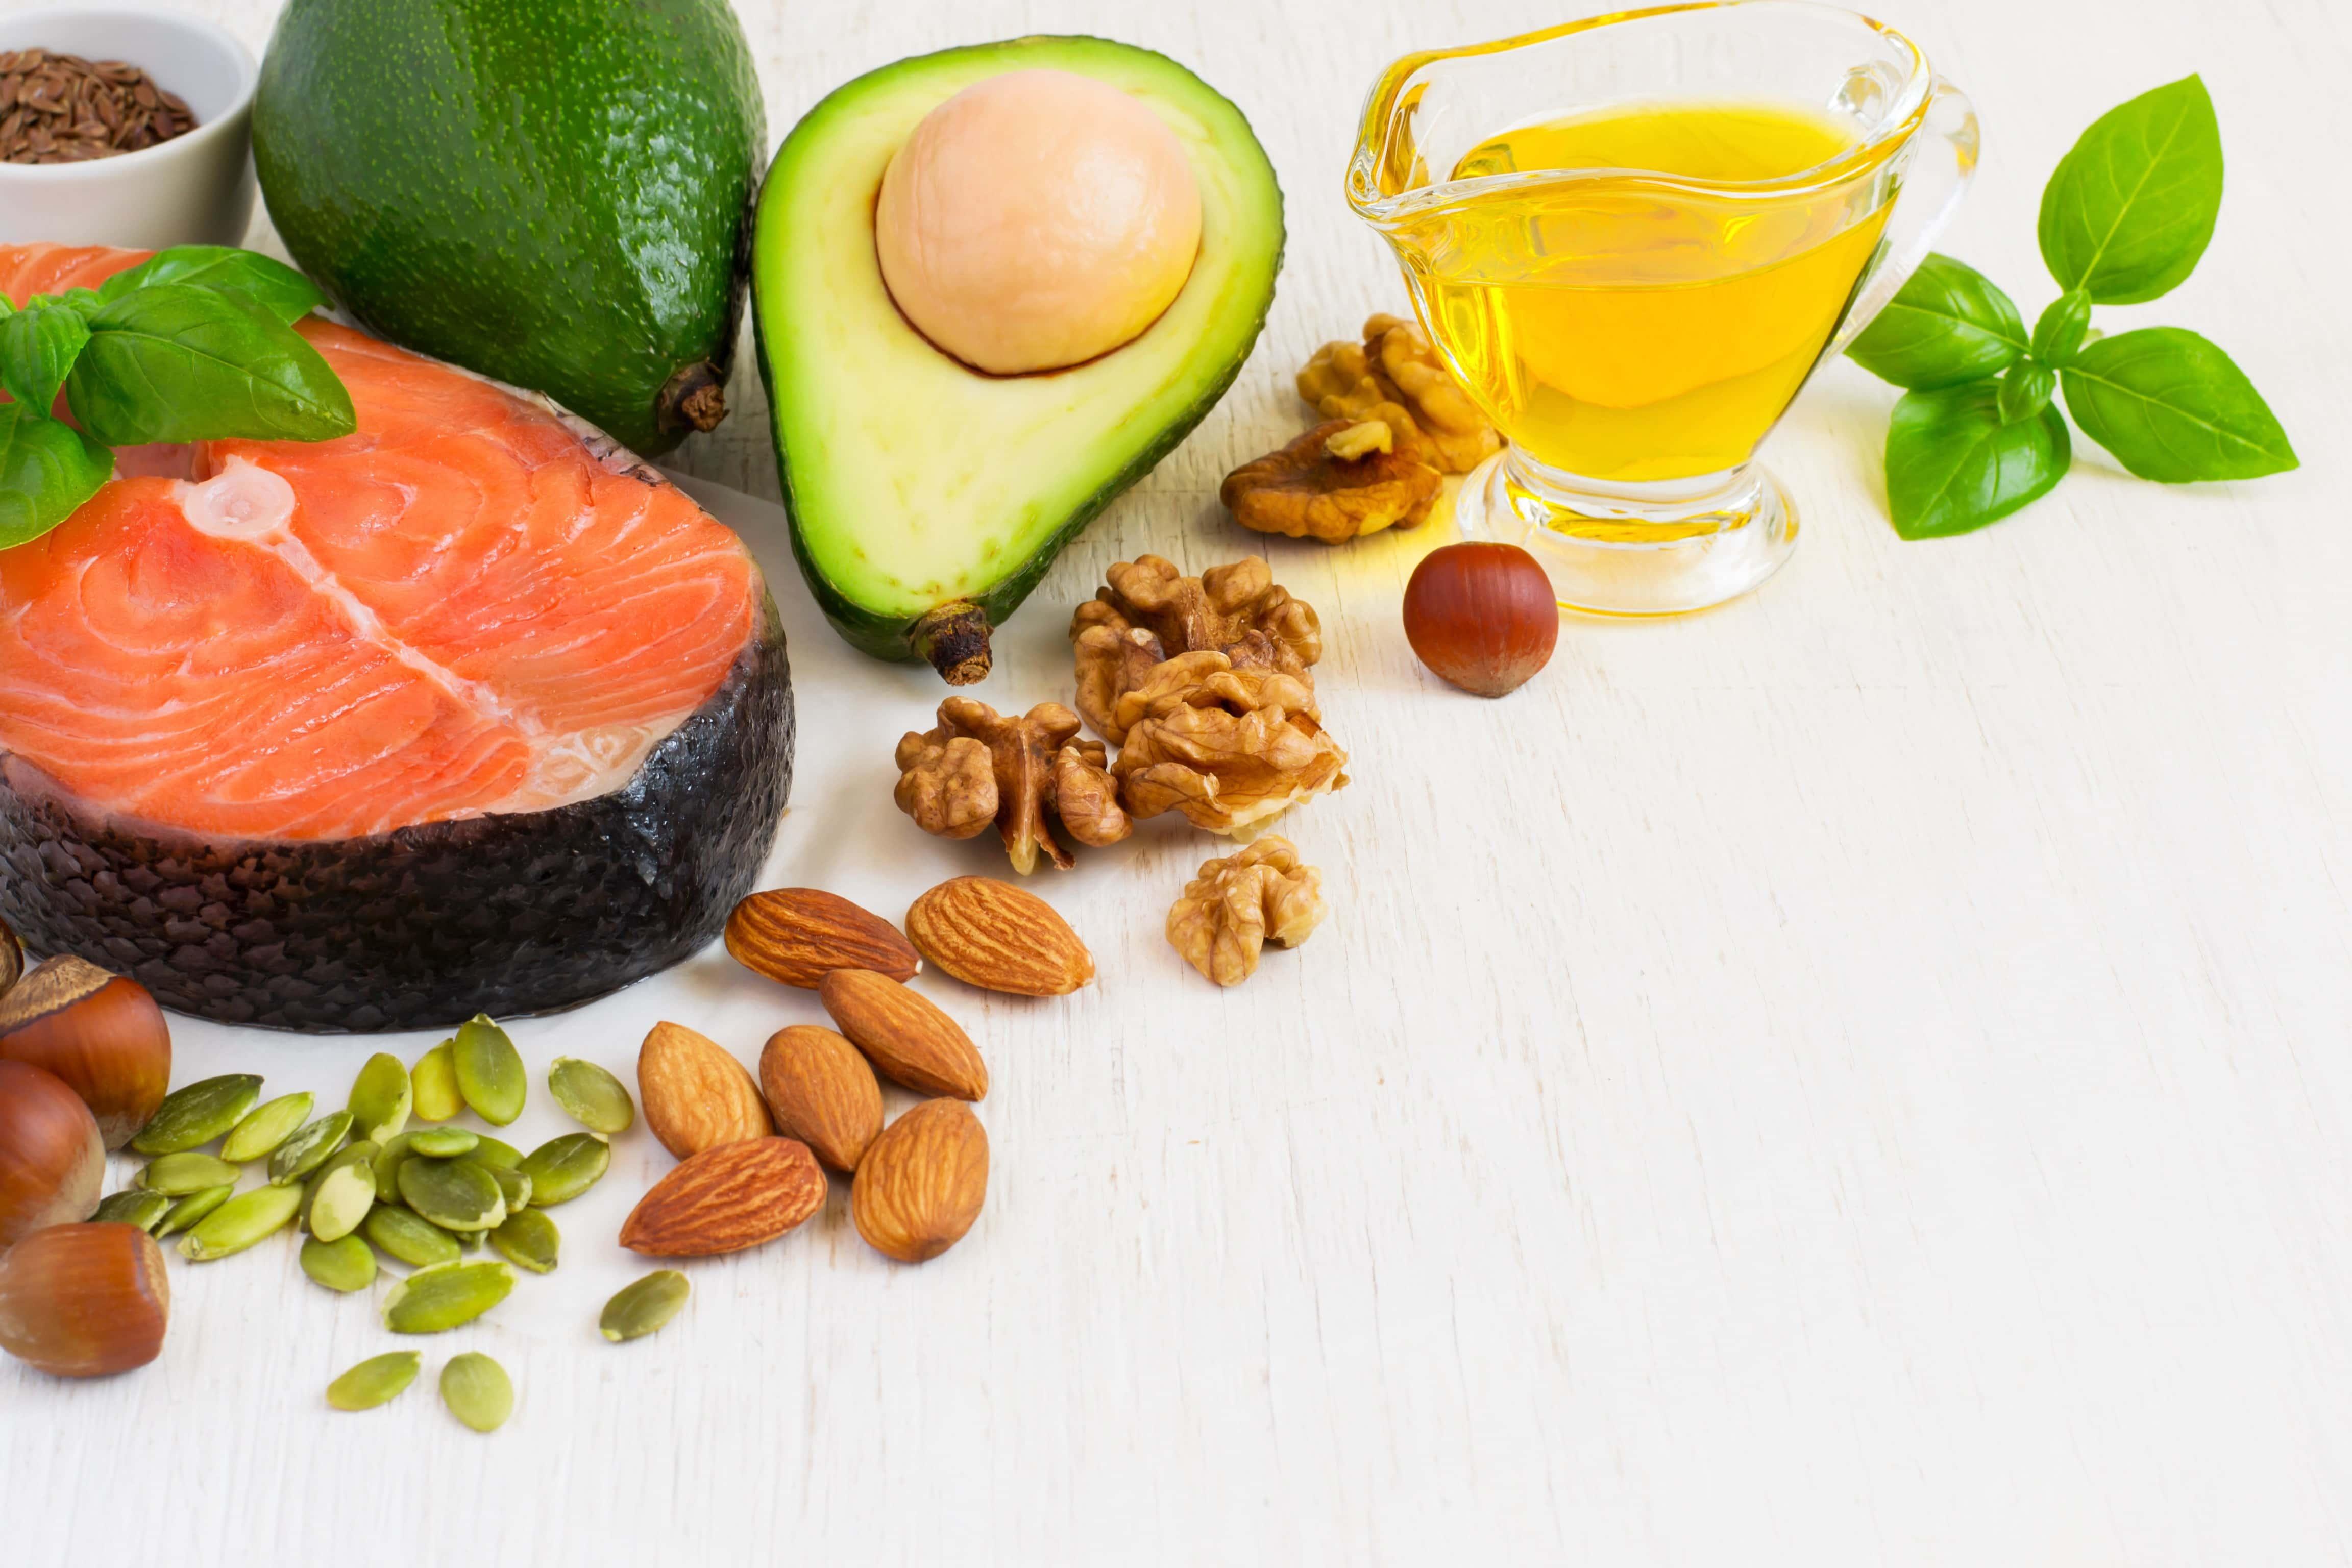 Manger gras et perdre du poids